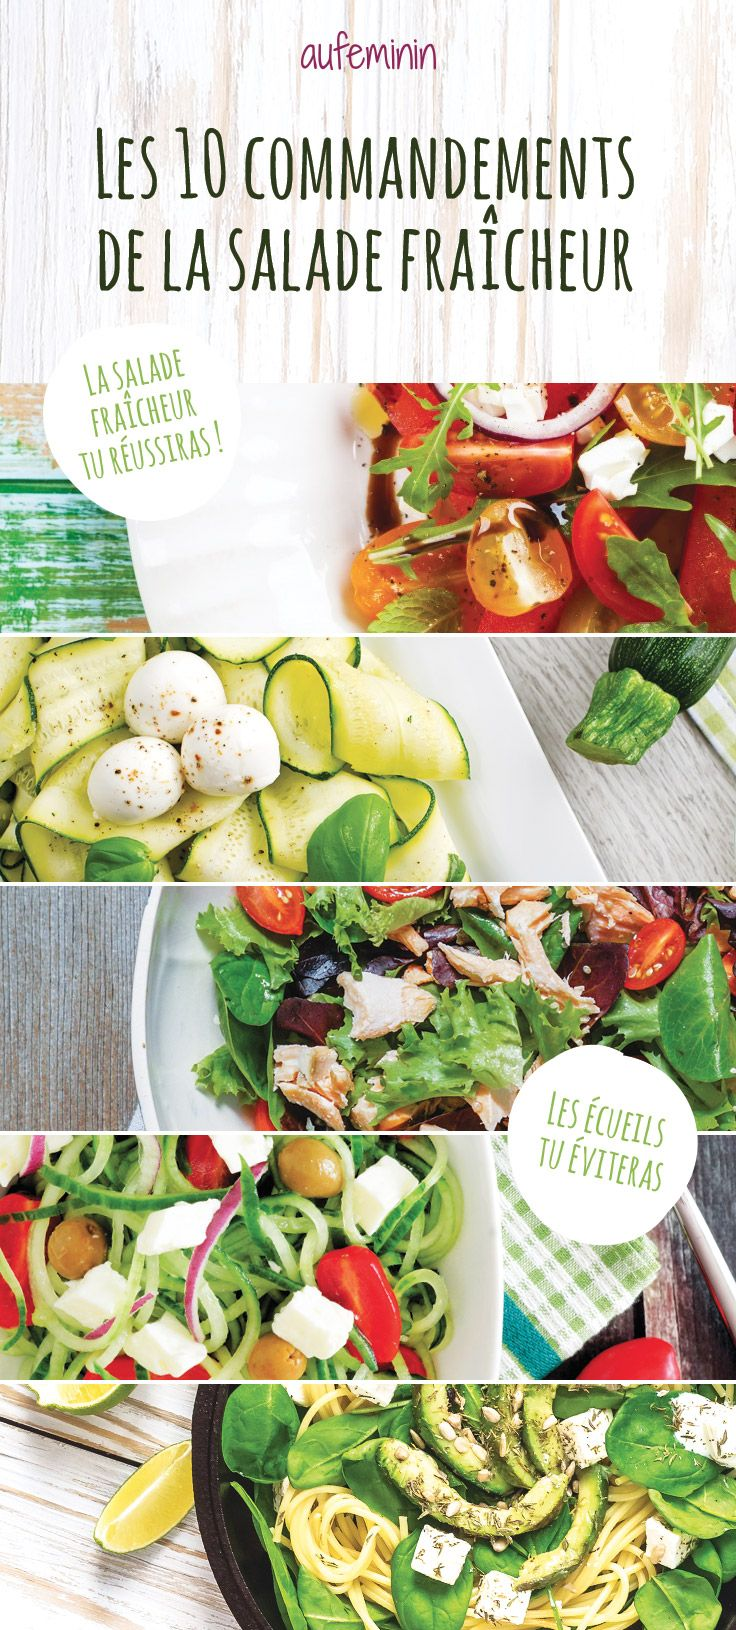 Les meilleures astuces cuisine puor composer une belle salade d'été ! De quoi réaliser des recettes de salades fraiches délicieuses